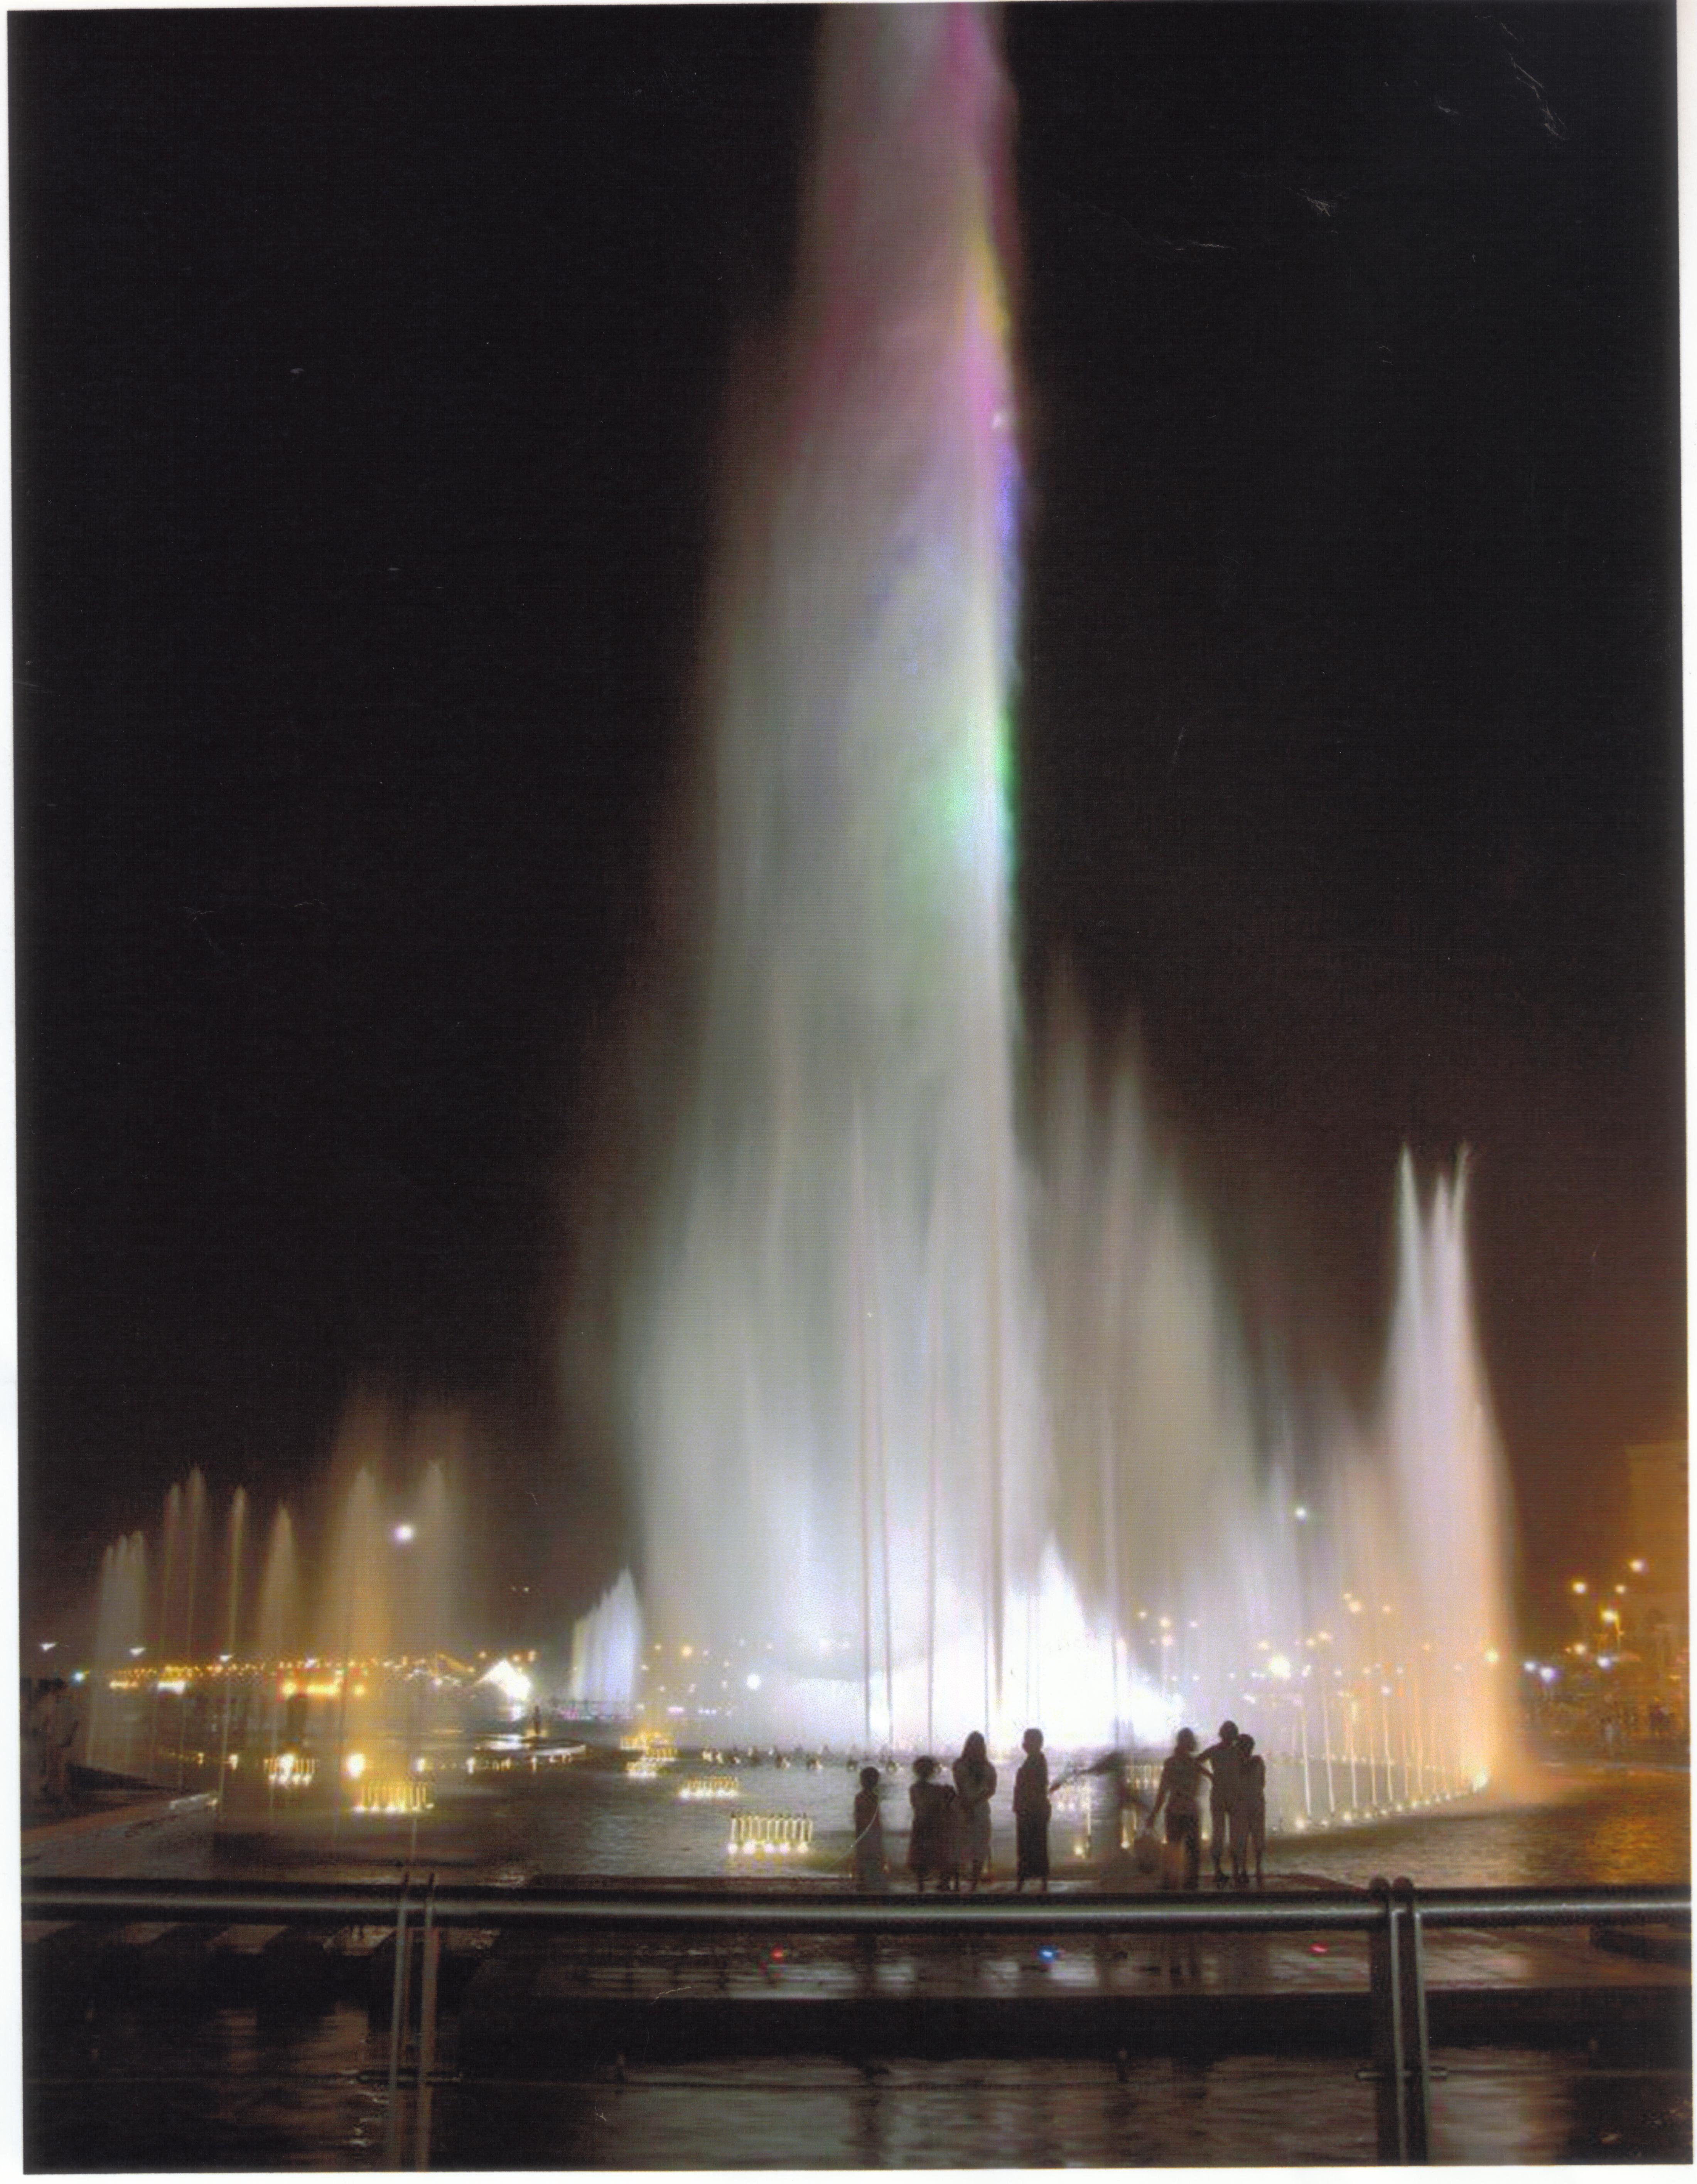 音乐喷泉,喷泉音乐,喷泉设计,音乐设计